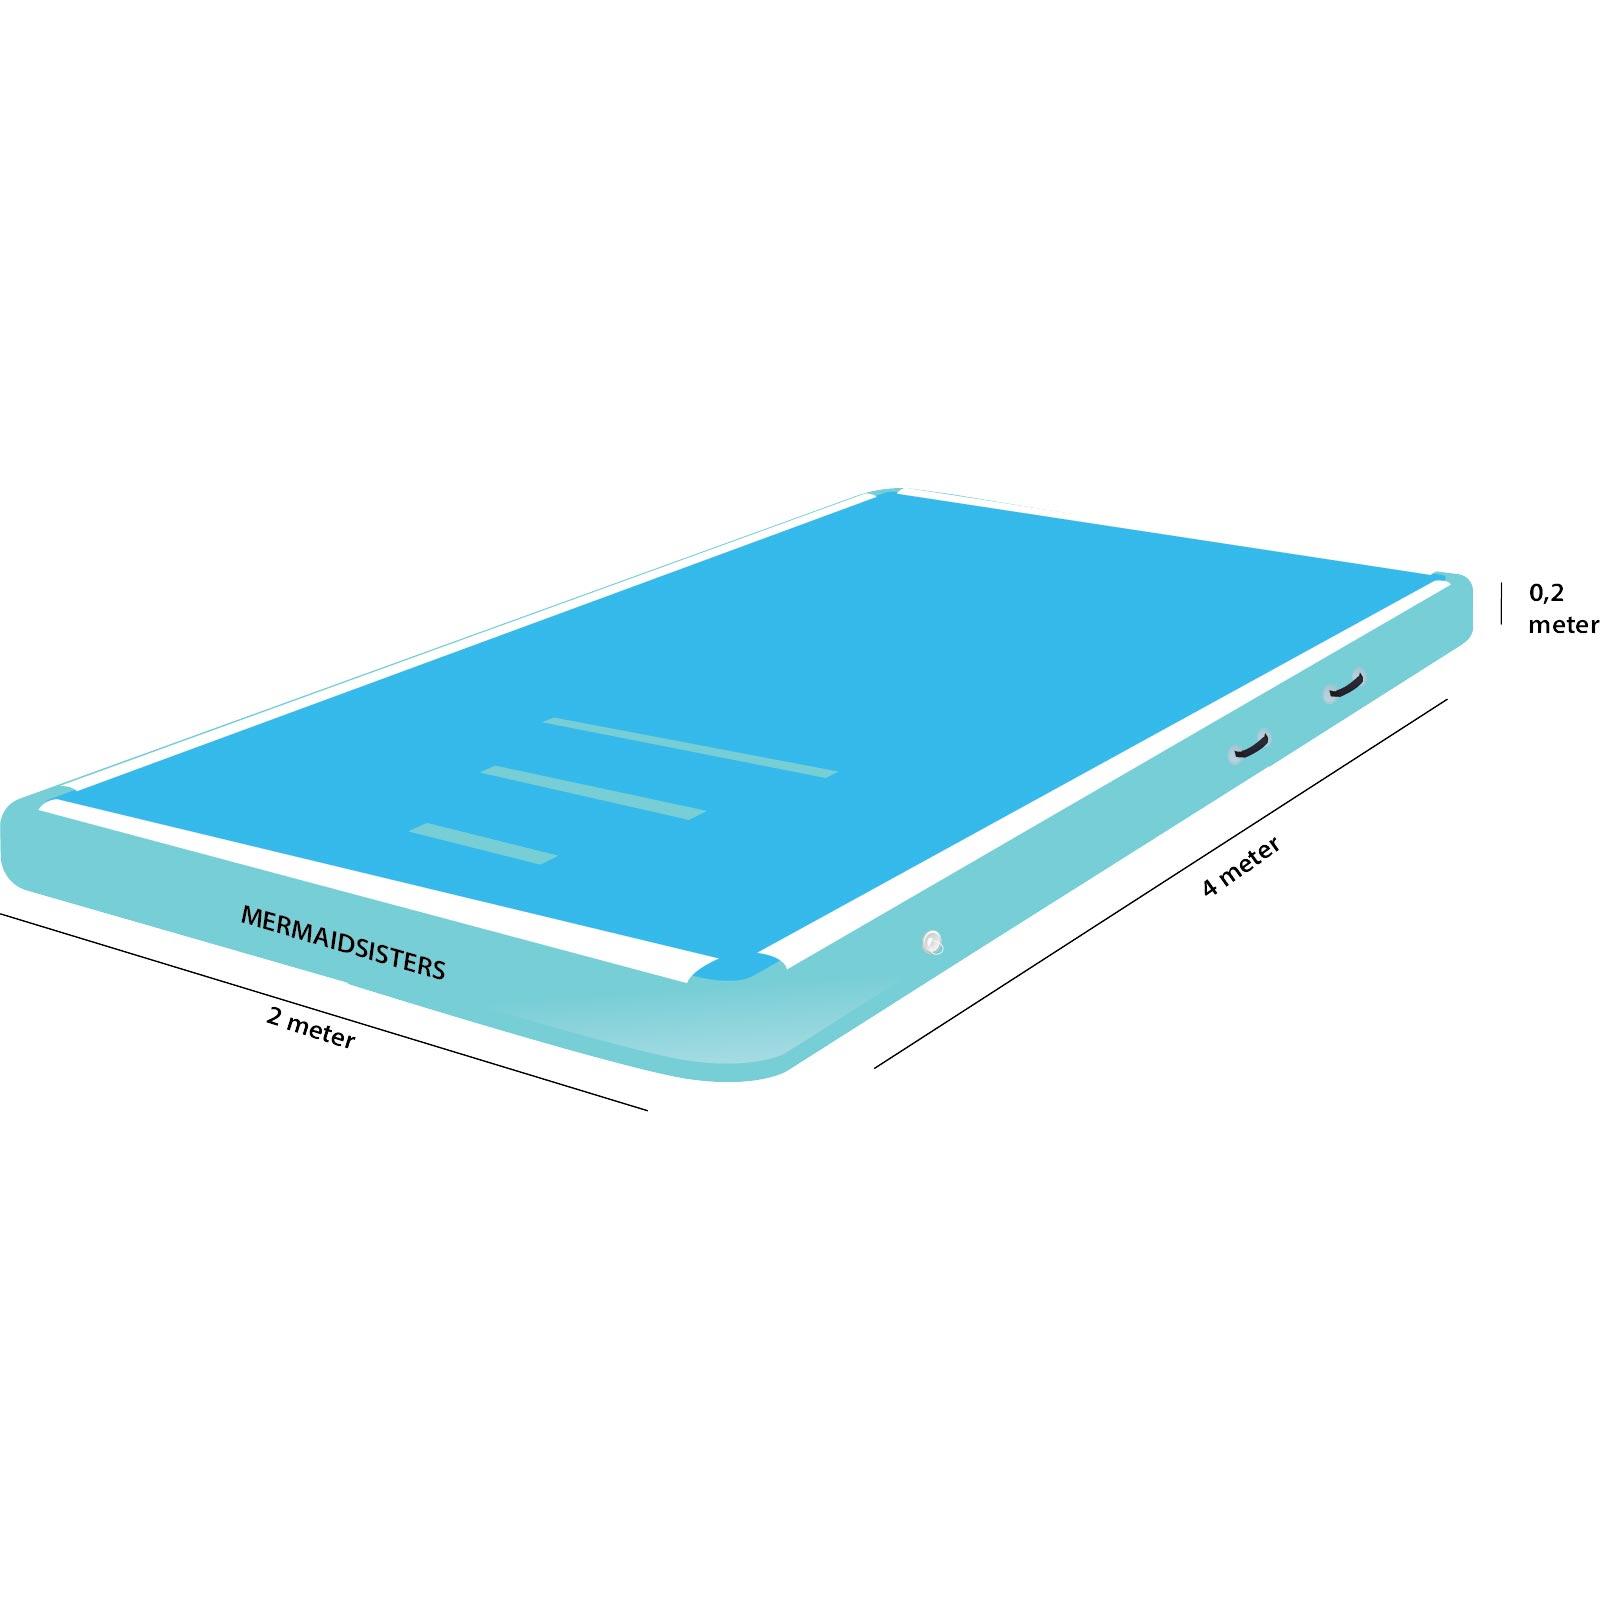 AirTrack 4 meter blauw 2 meter breed 20 cm hoog